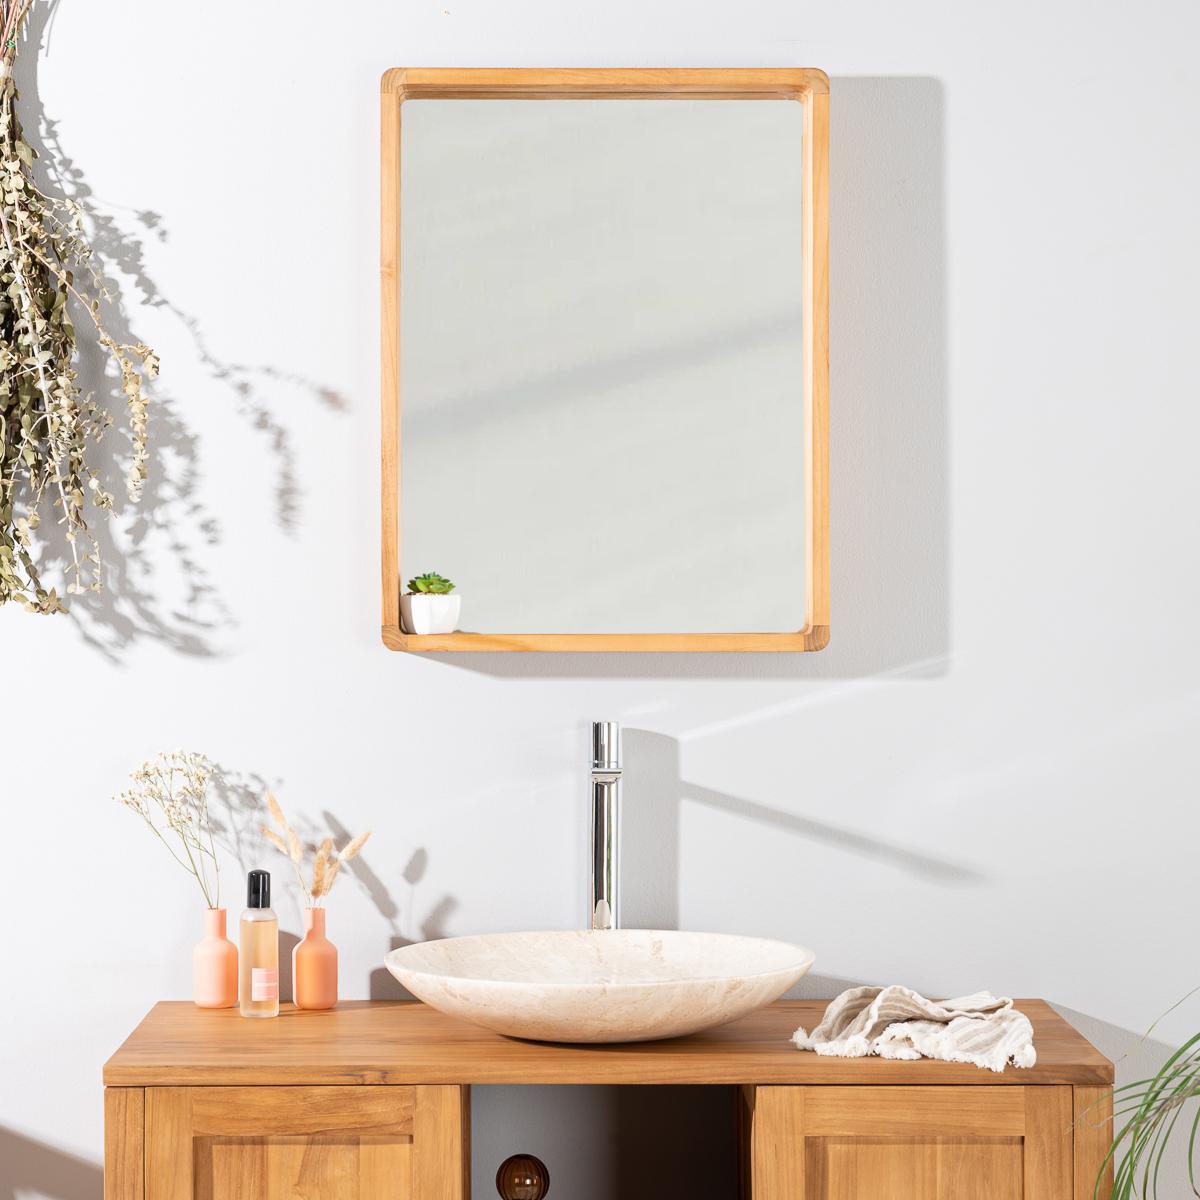 Miroir salle de bain miroir teck rectangulaire samba for Miroir teck 50 x 70